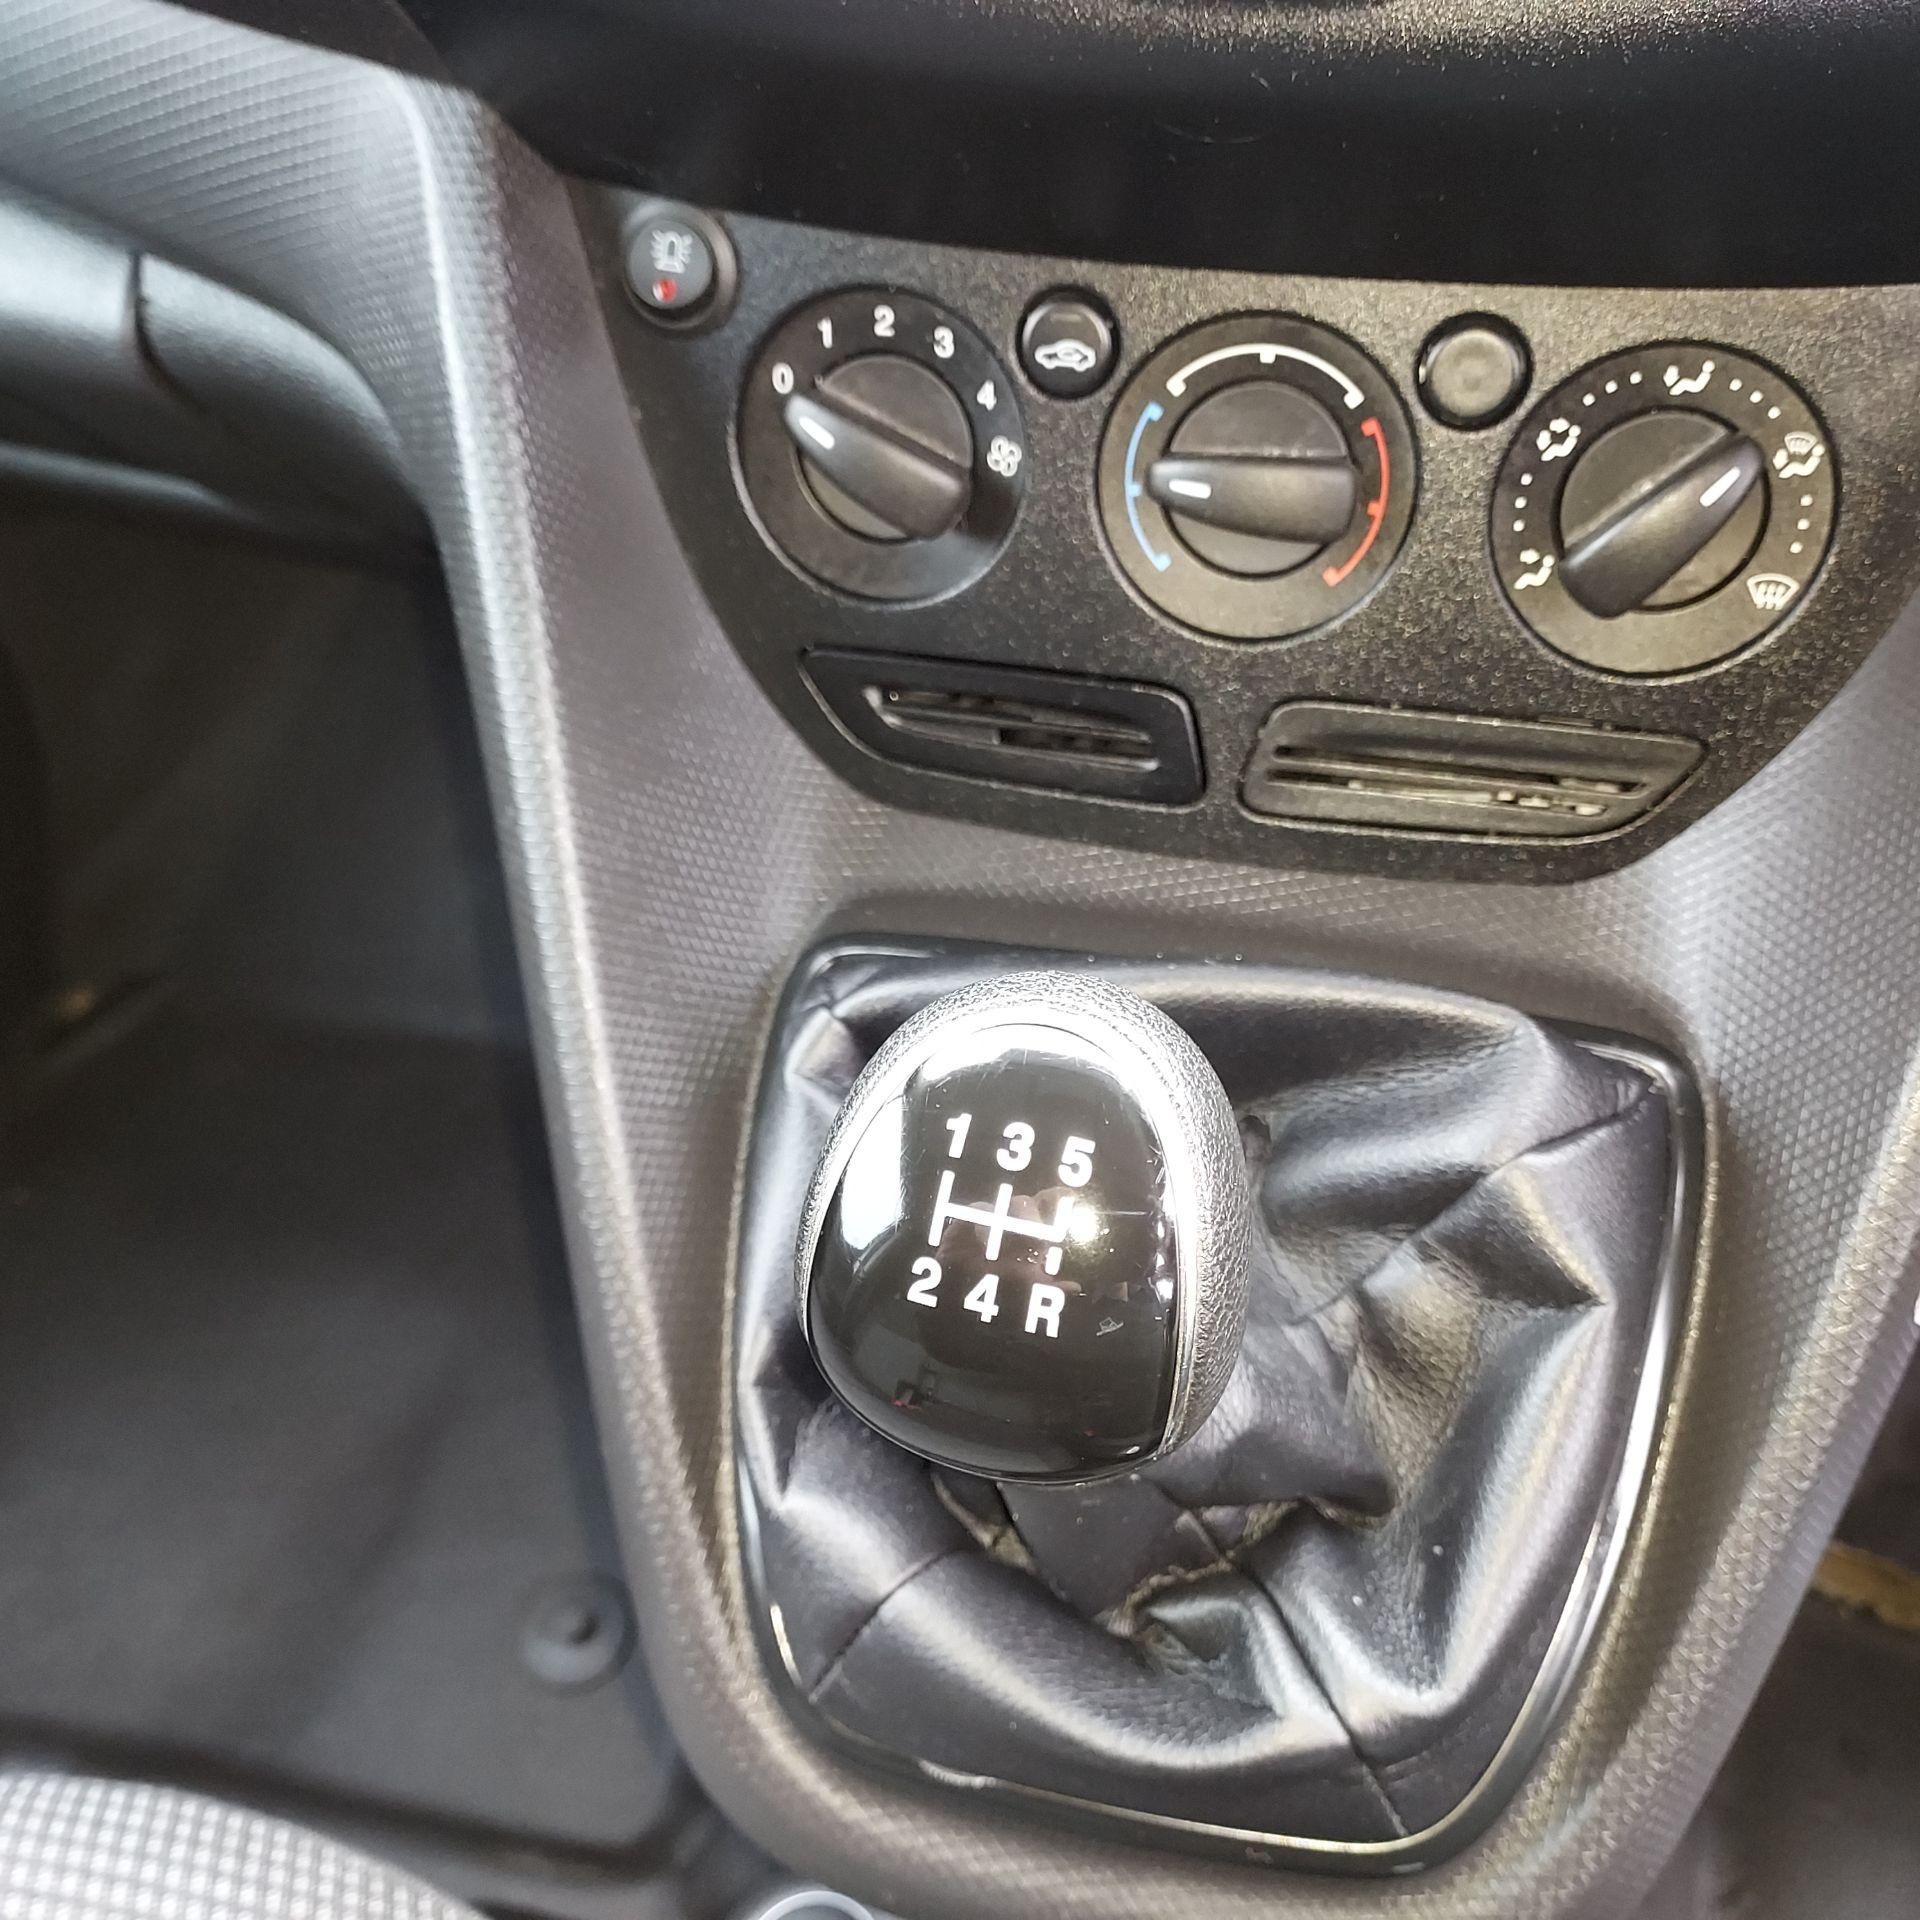 2017 Ford Transit Connect LWB Base 1.5TD 75PS 5SPD 3DR (172D8124) Image 9